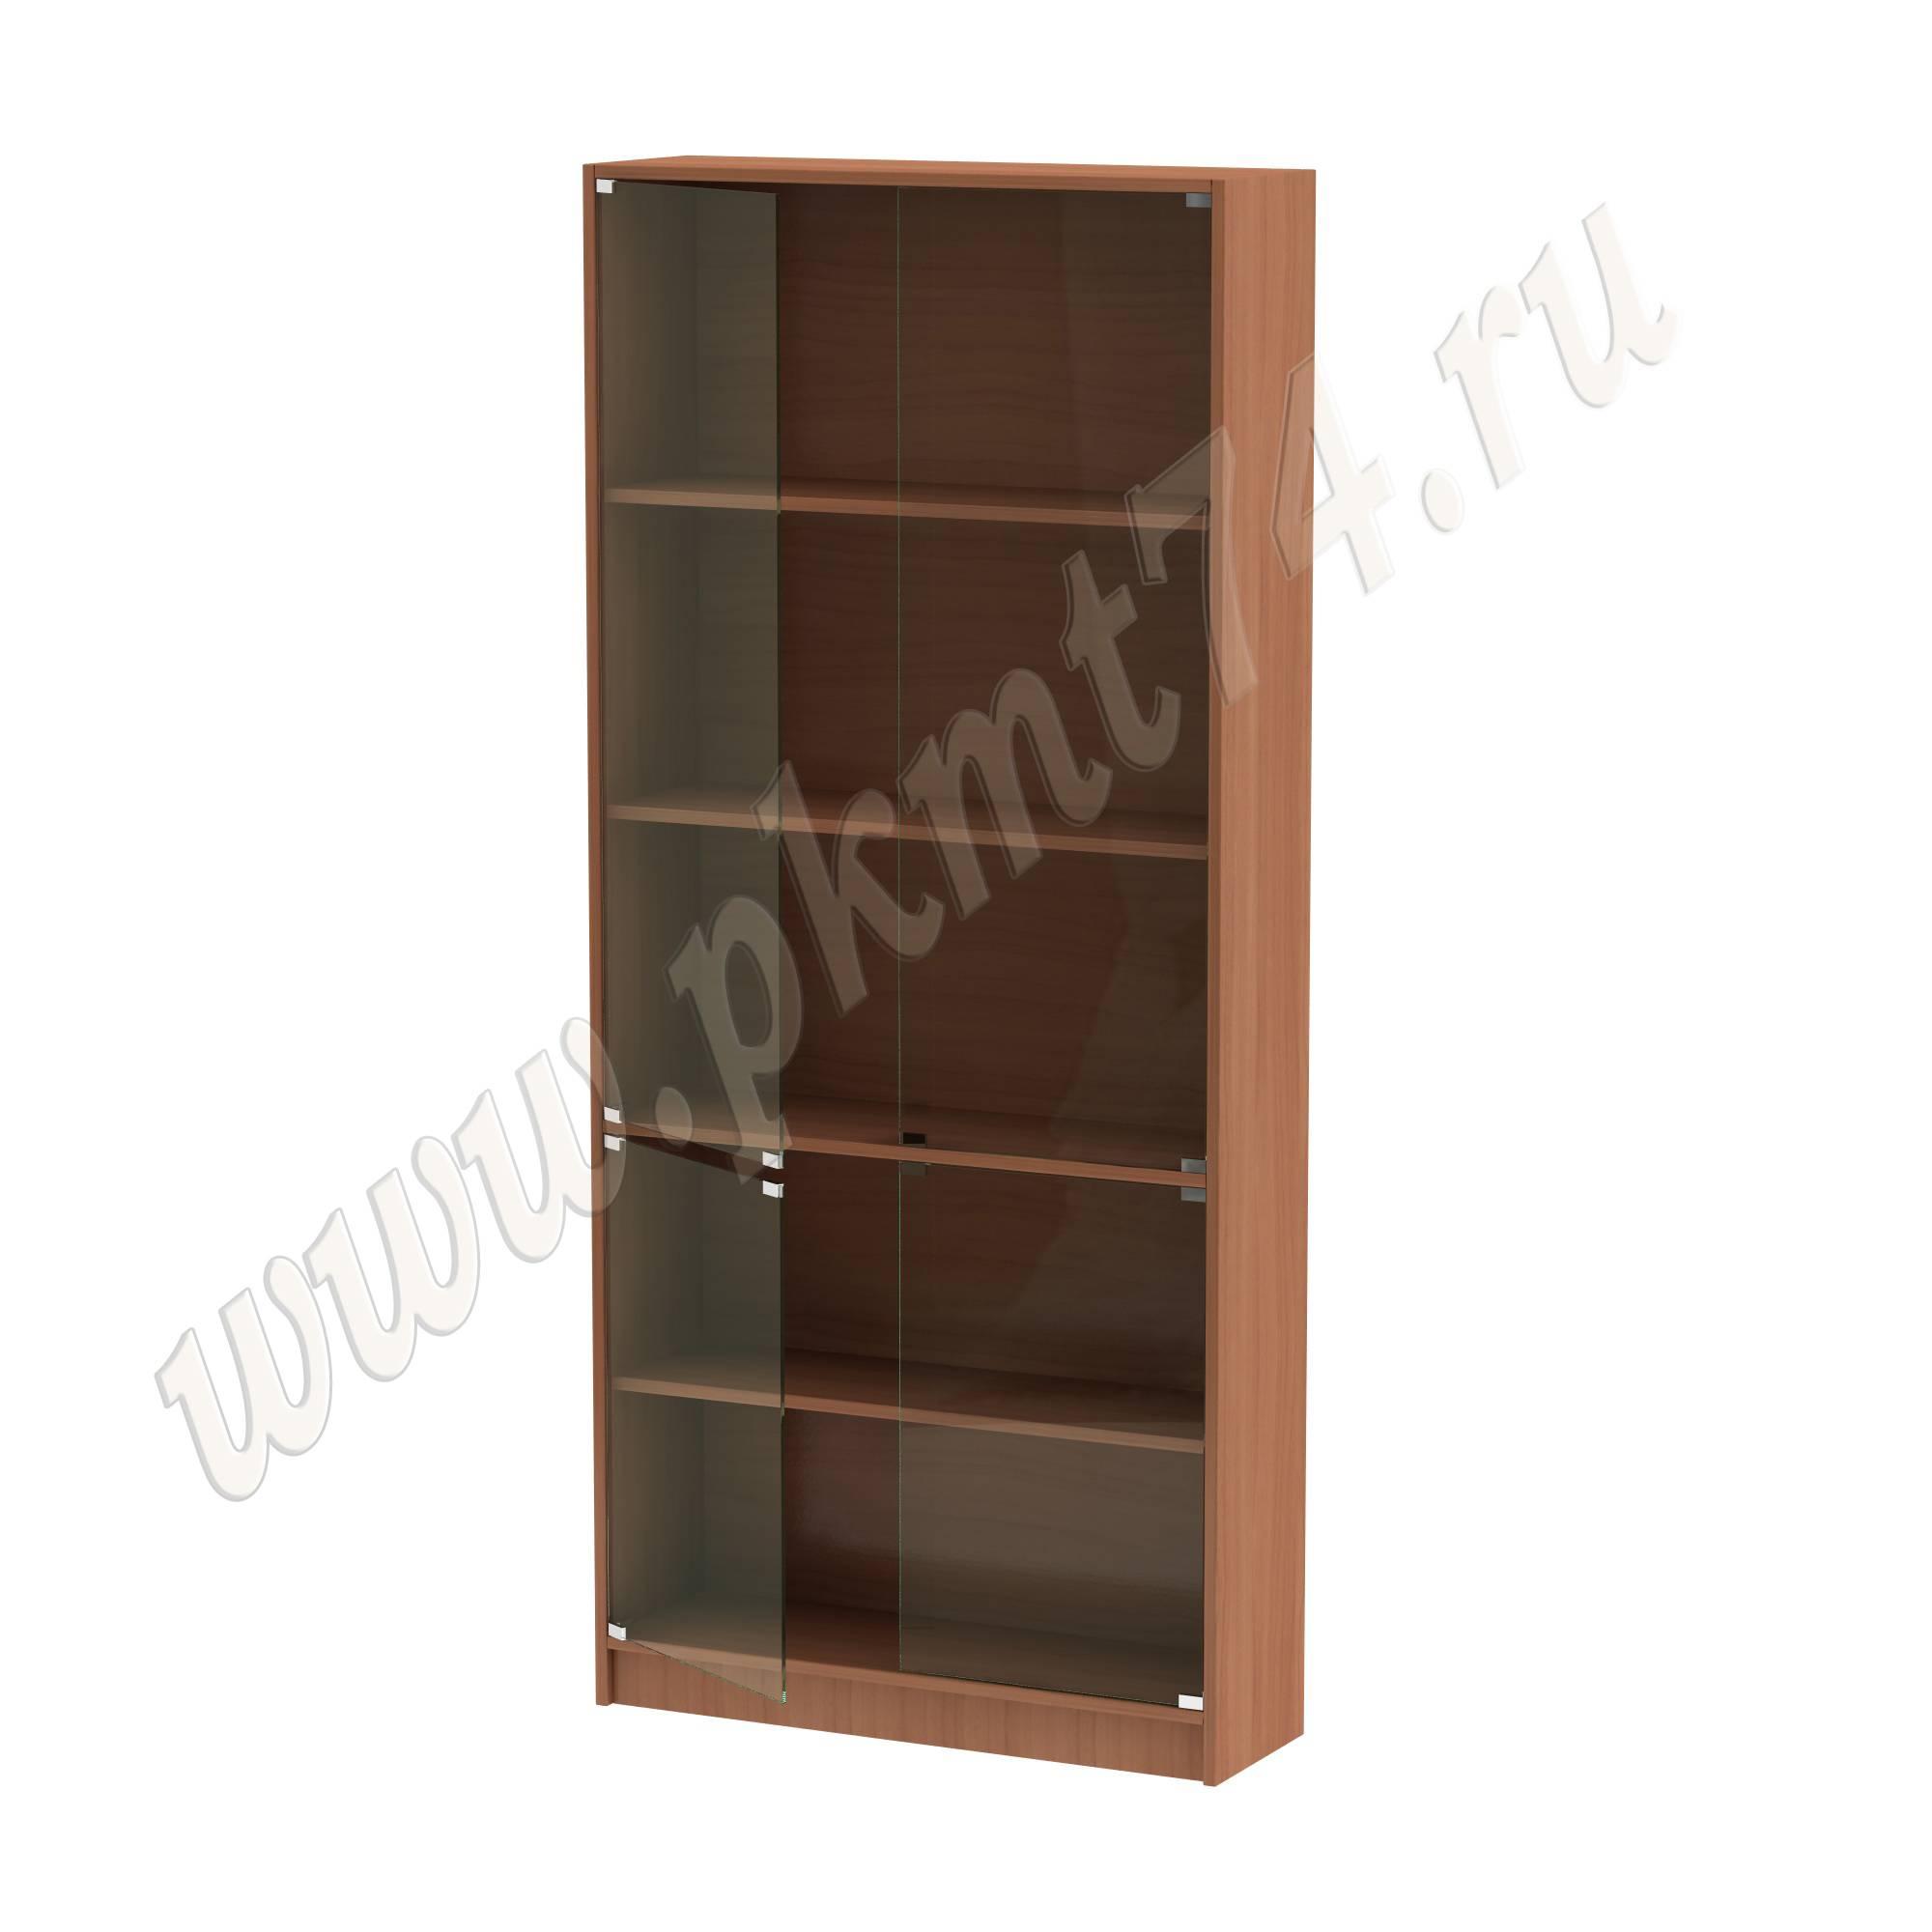 Шкаф витринный со стеклянными дверцами [Цвет ЛДСП:: Вишня Оксфорд]